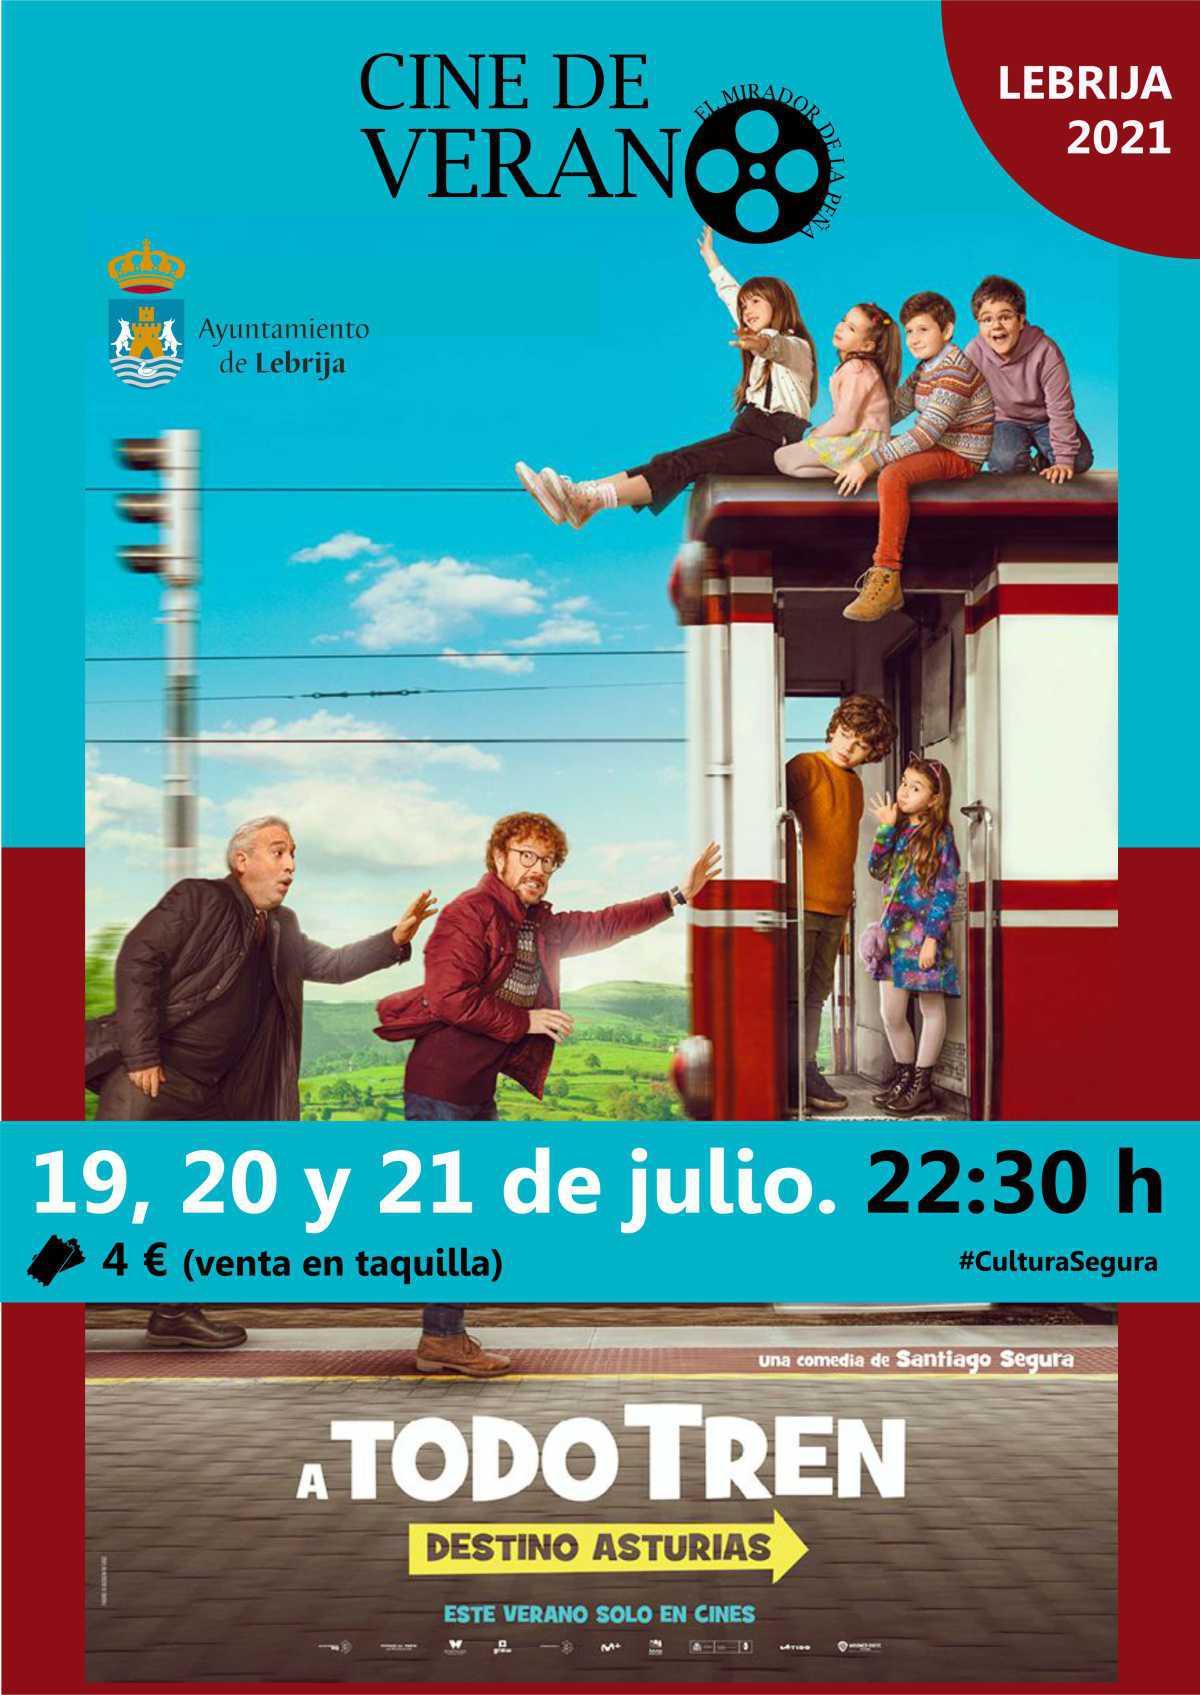 A todo tren. Destino Asturias. Entradas: 4 € a la venta en la taquilla / Mirador de la Peña. Horario: 22:30 horas.